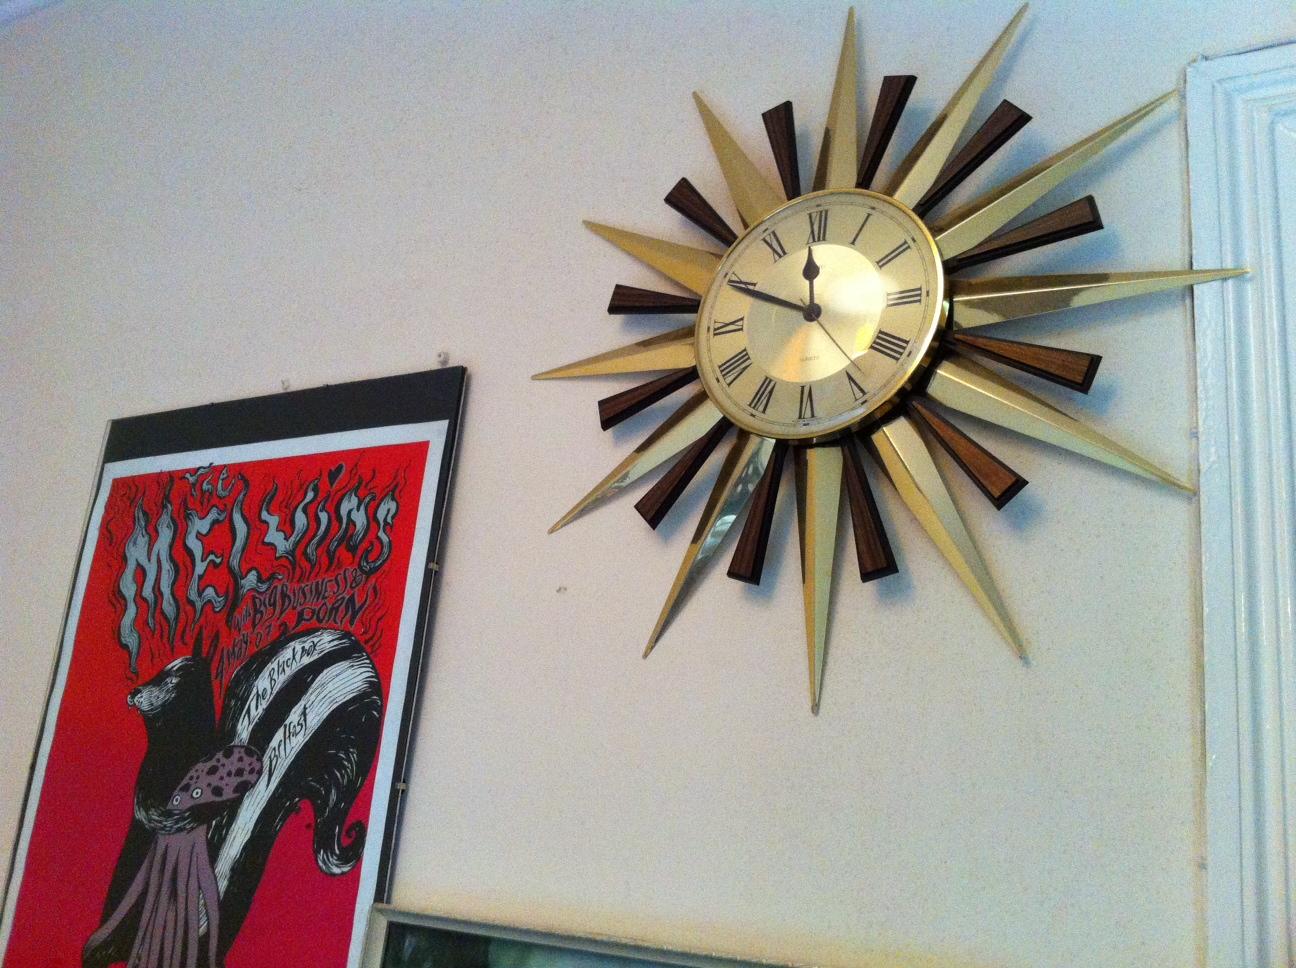 Bargain Sunburst Clocks- Charity Shop Haul